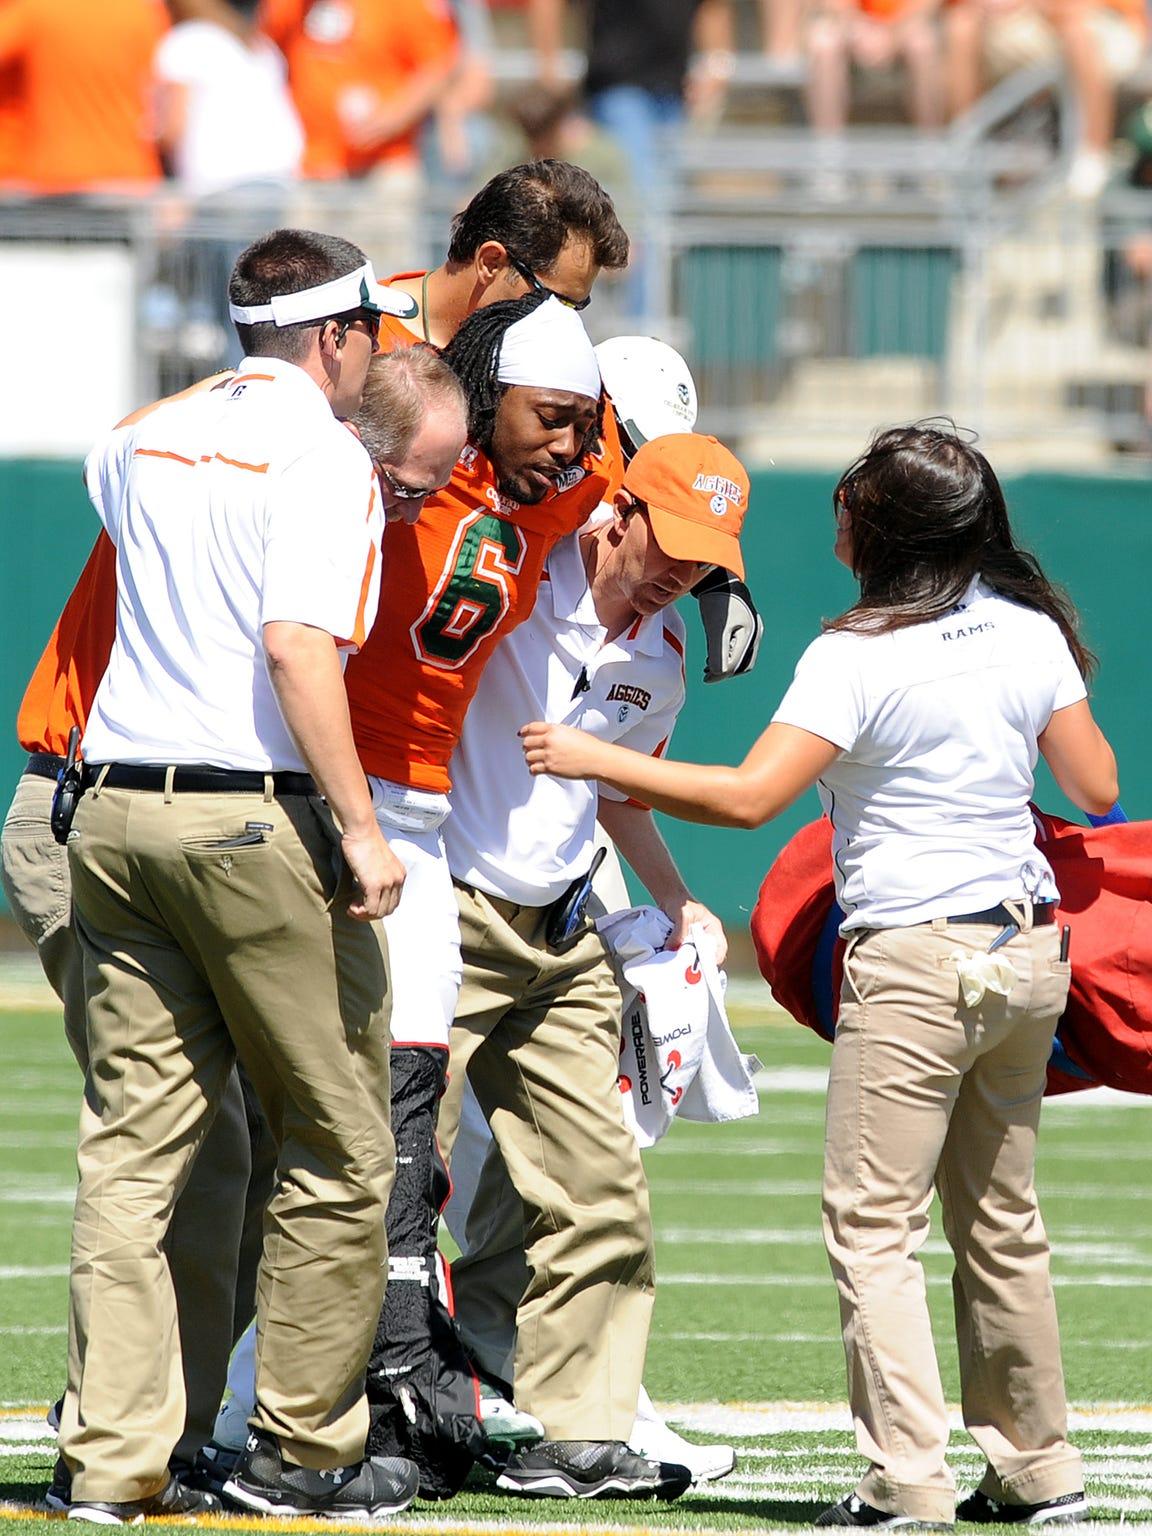 CSU linebacker Myke Sisson is helped off the field